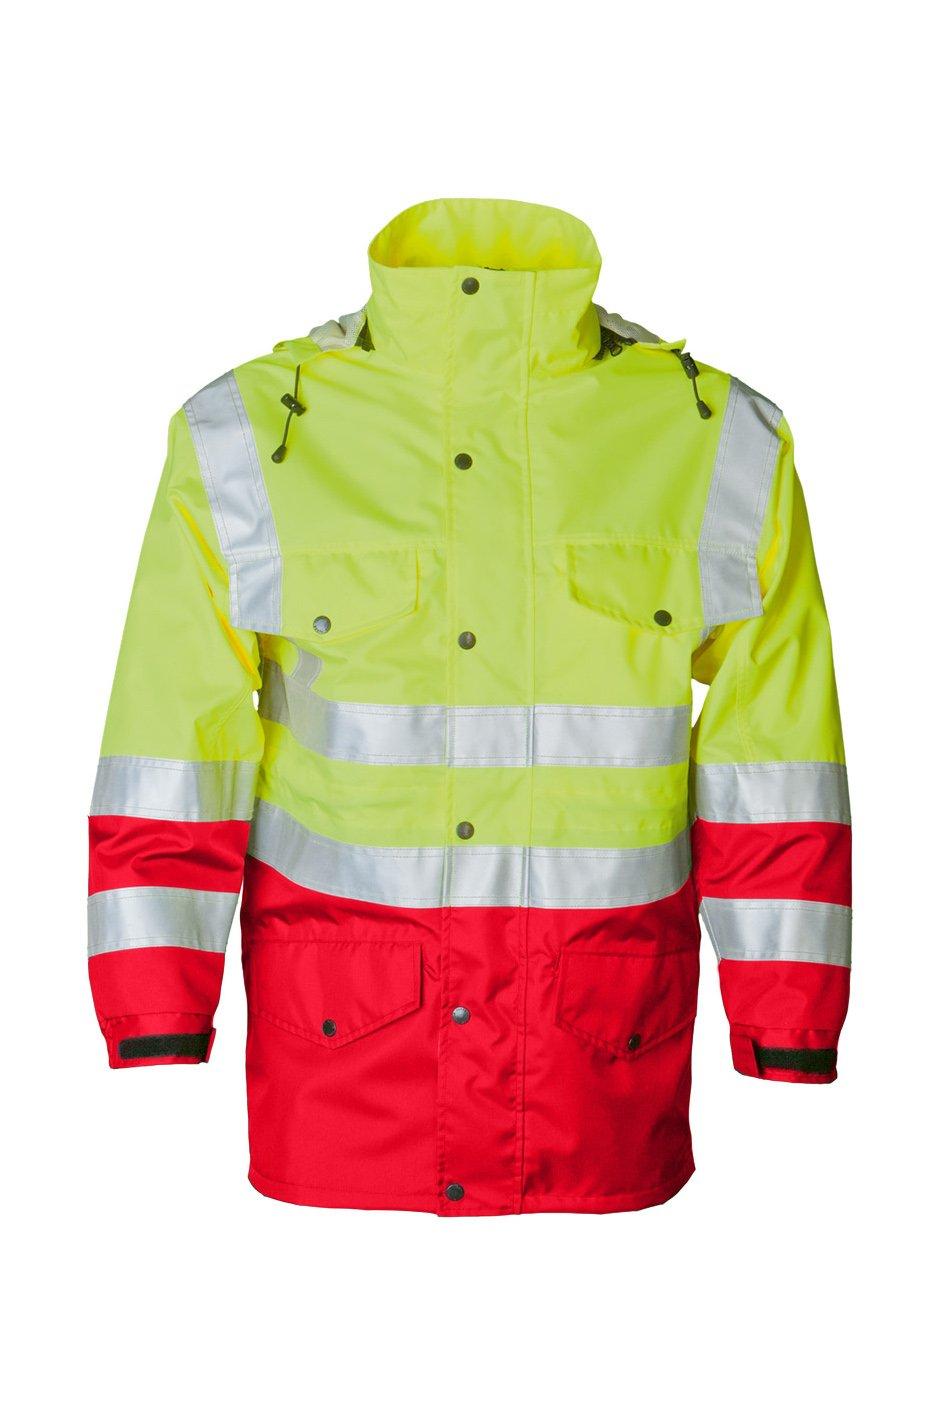 Sicherheitsjacke, fluorescent lemon/red, ISO 20471 Kl. 3